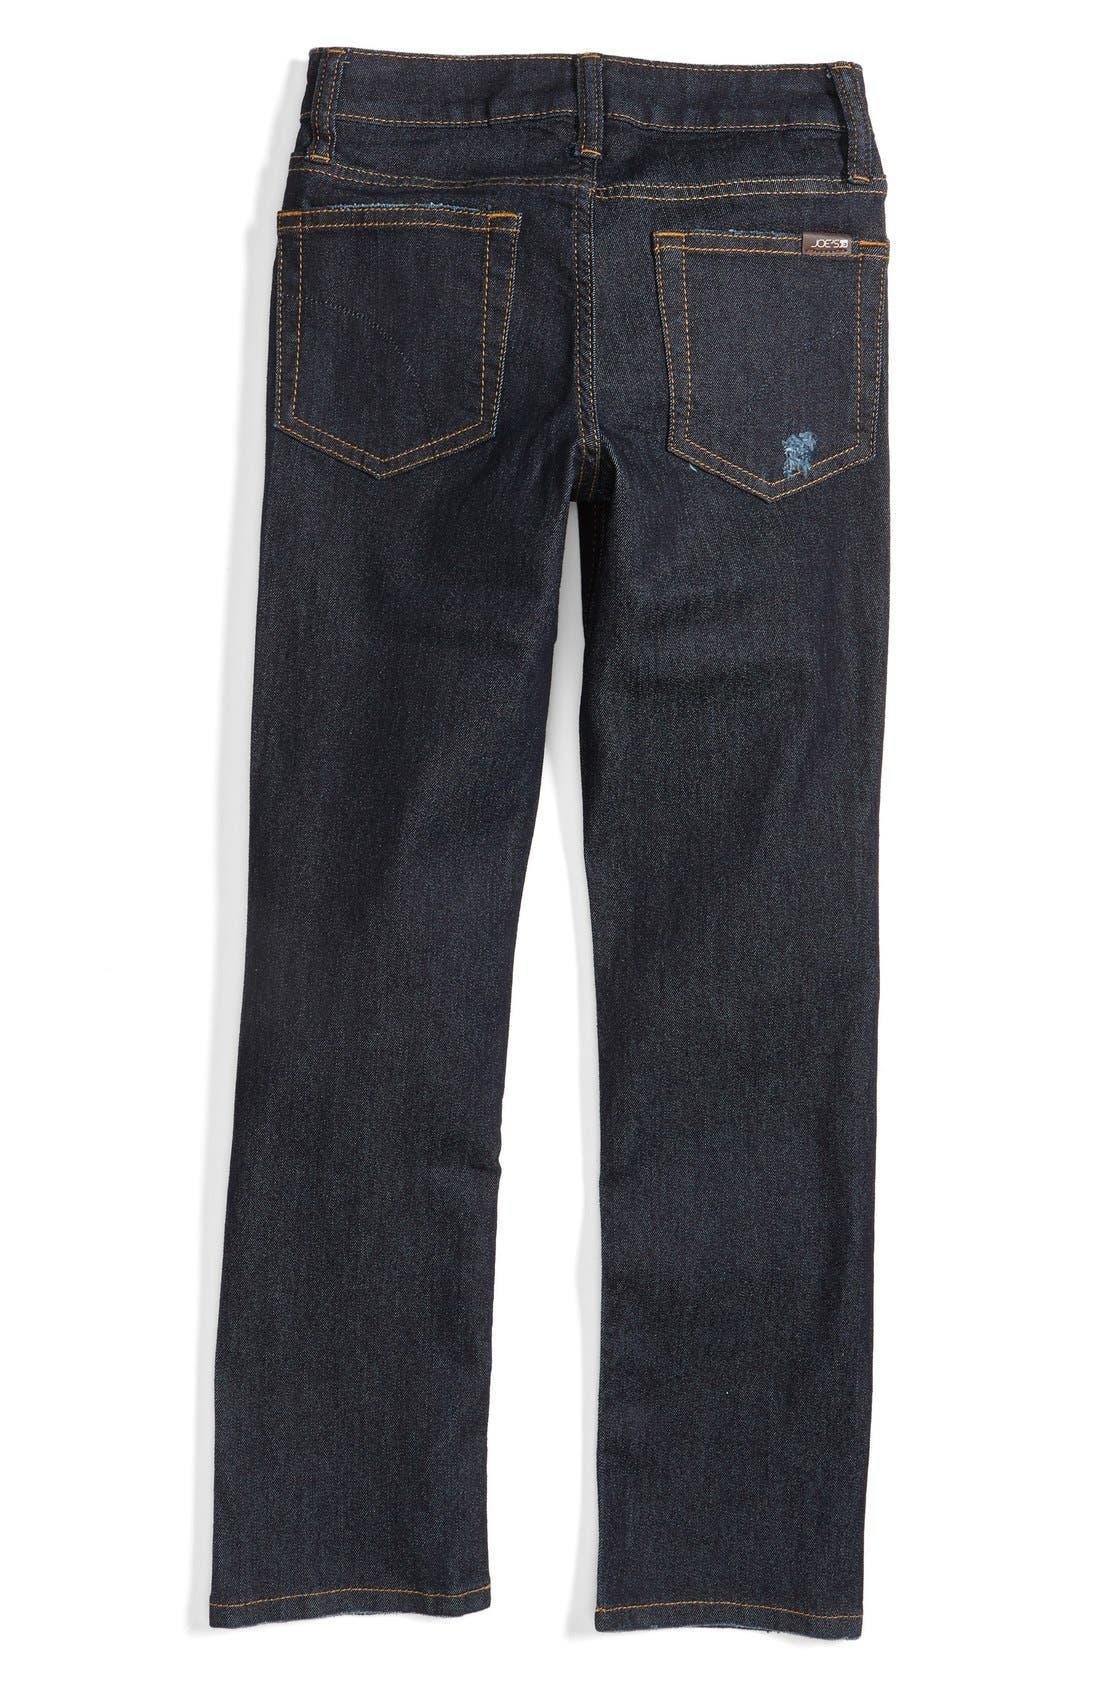 Brixton Straight Leg Jeans,                             Alternate thumbnail 2, color,                             Ashton